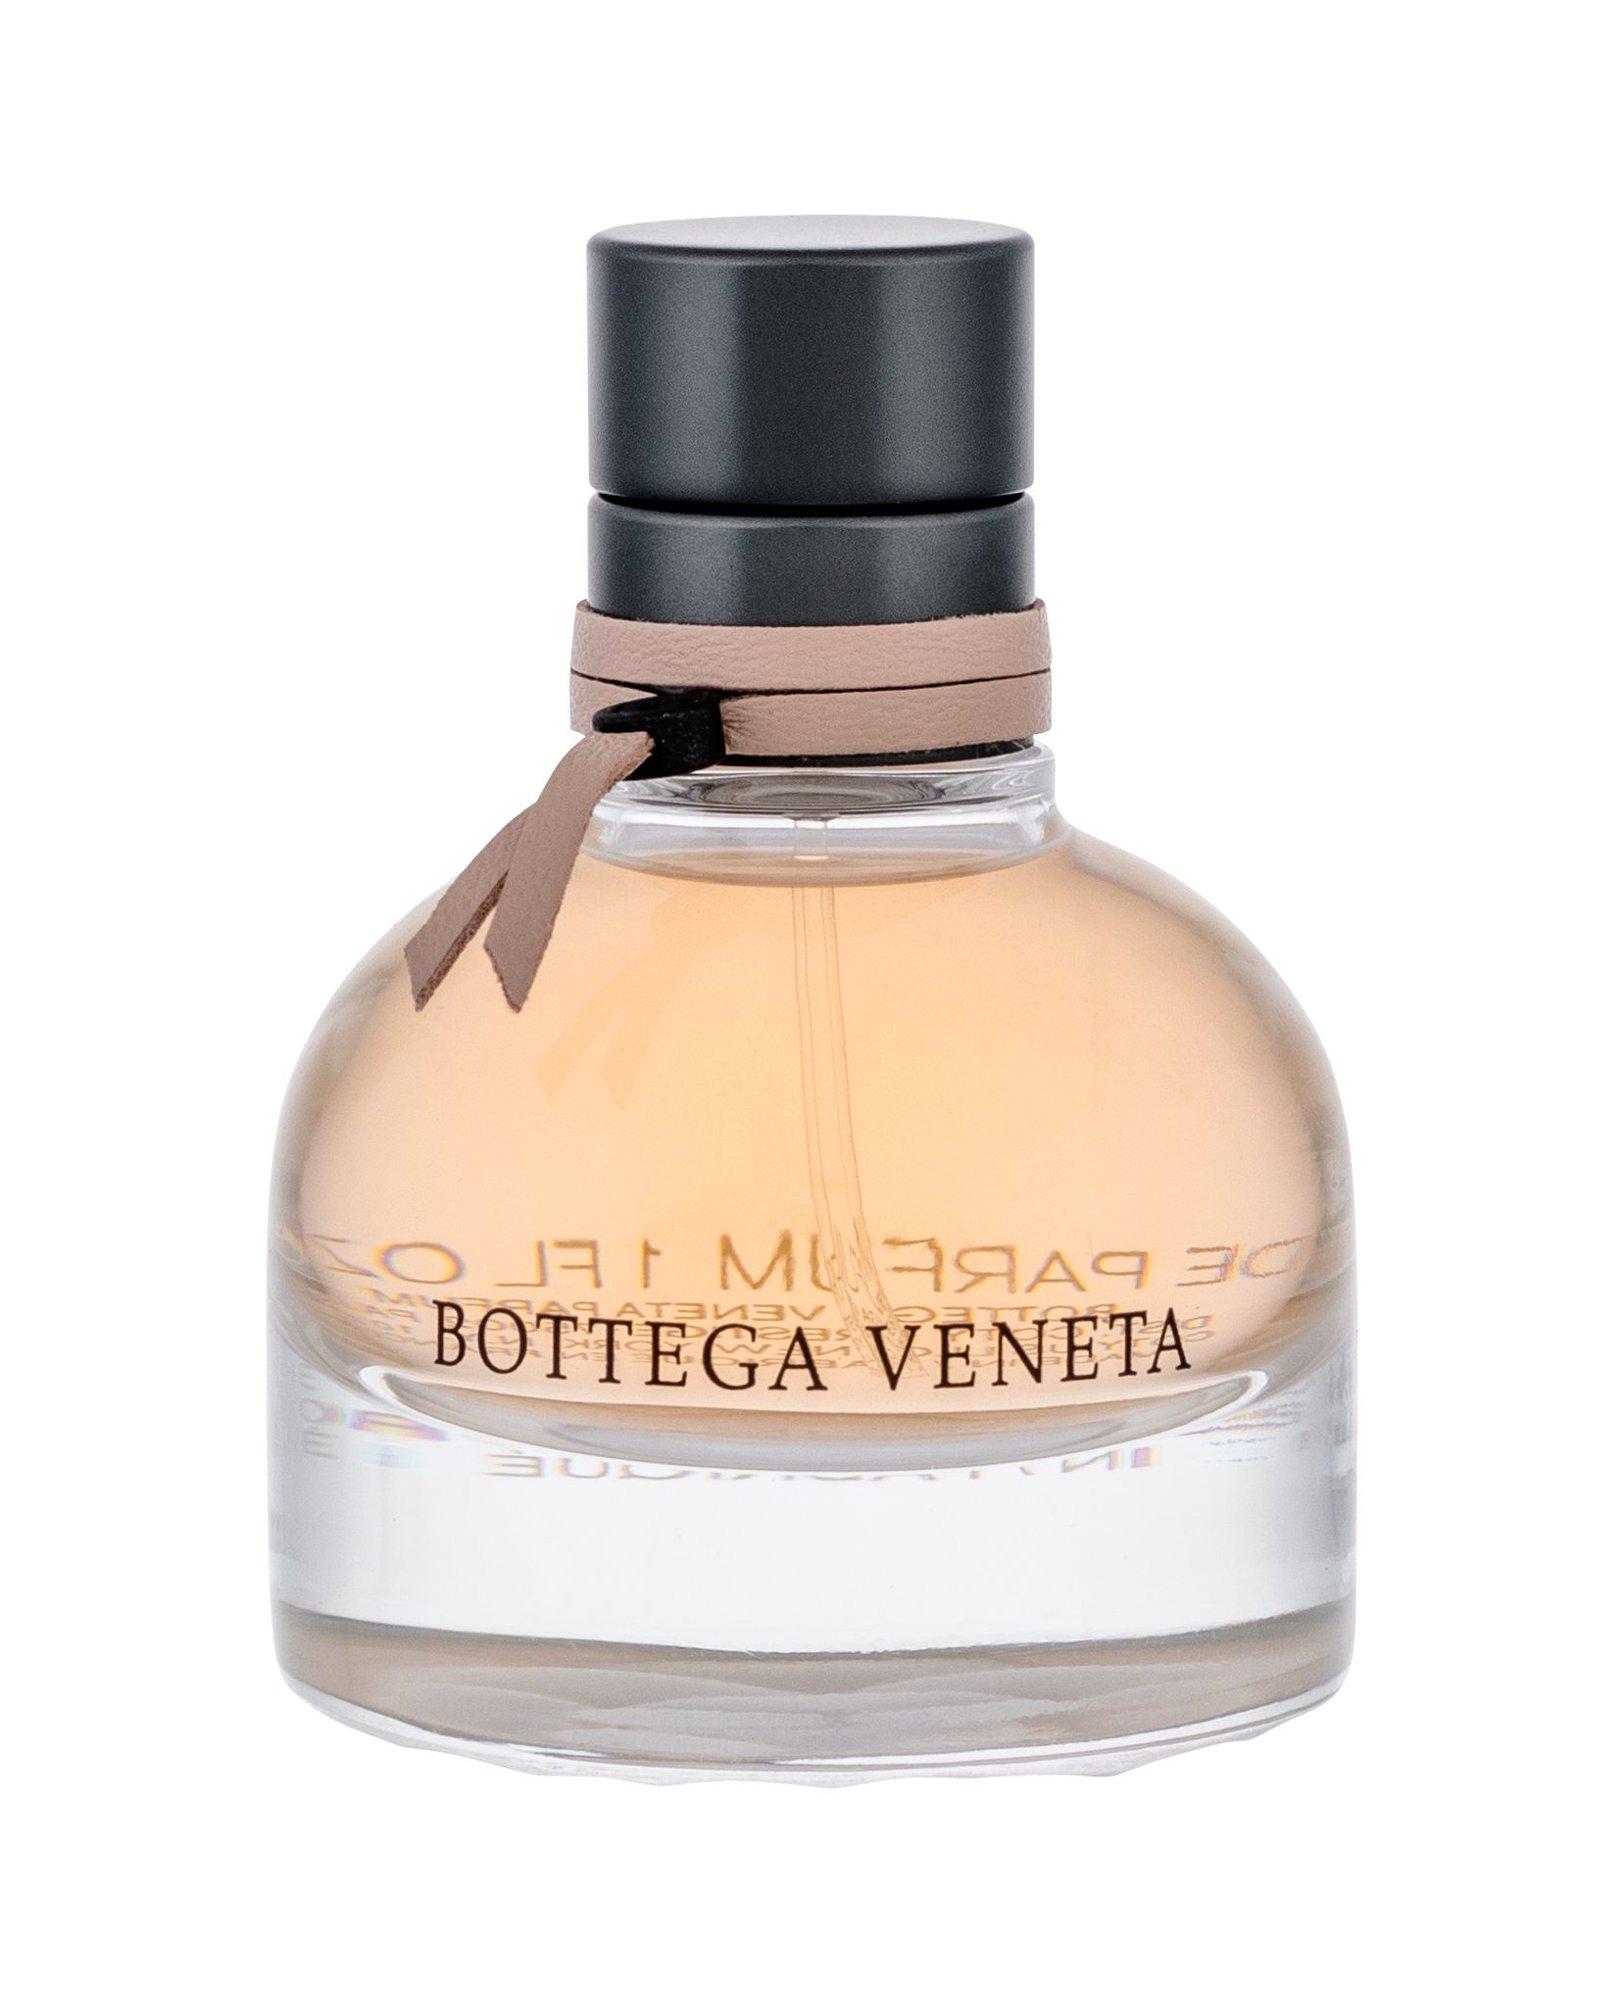 Bottega Veneta Bottega Veneta Eau de Parfum 30ml